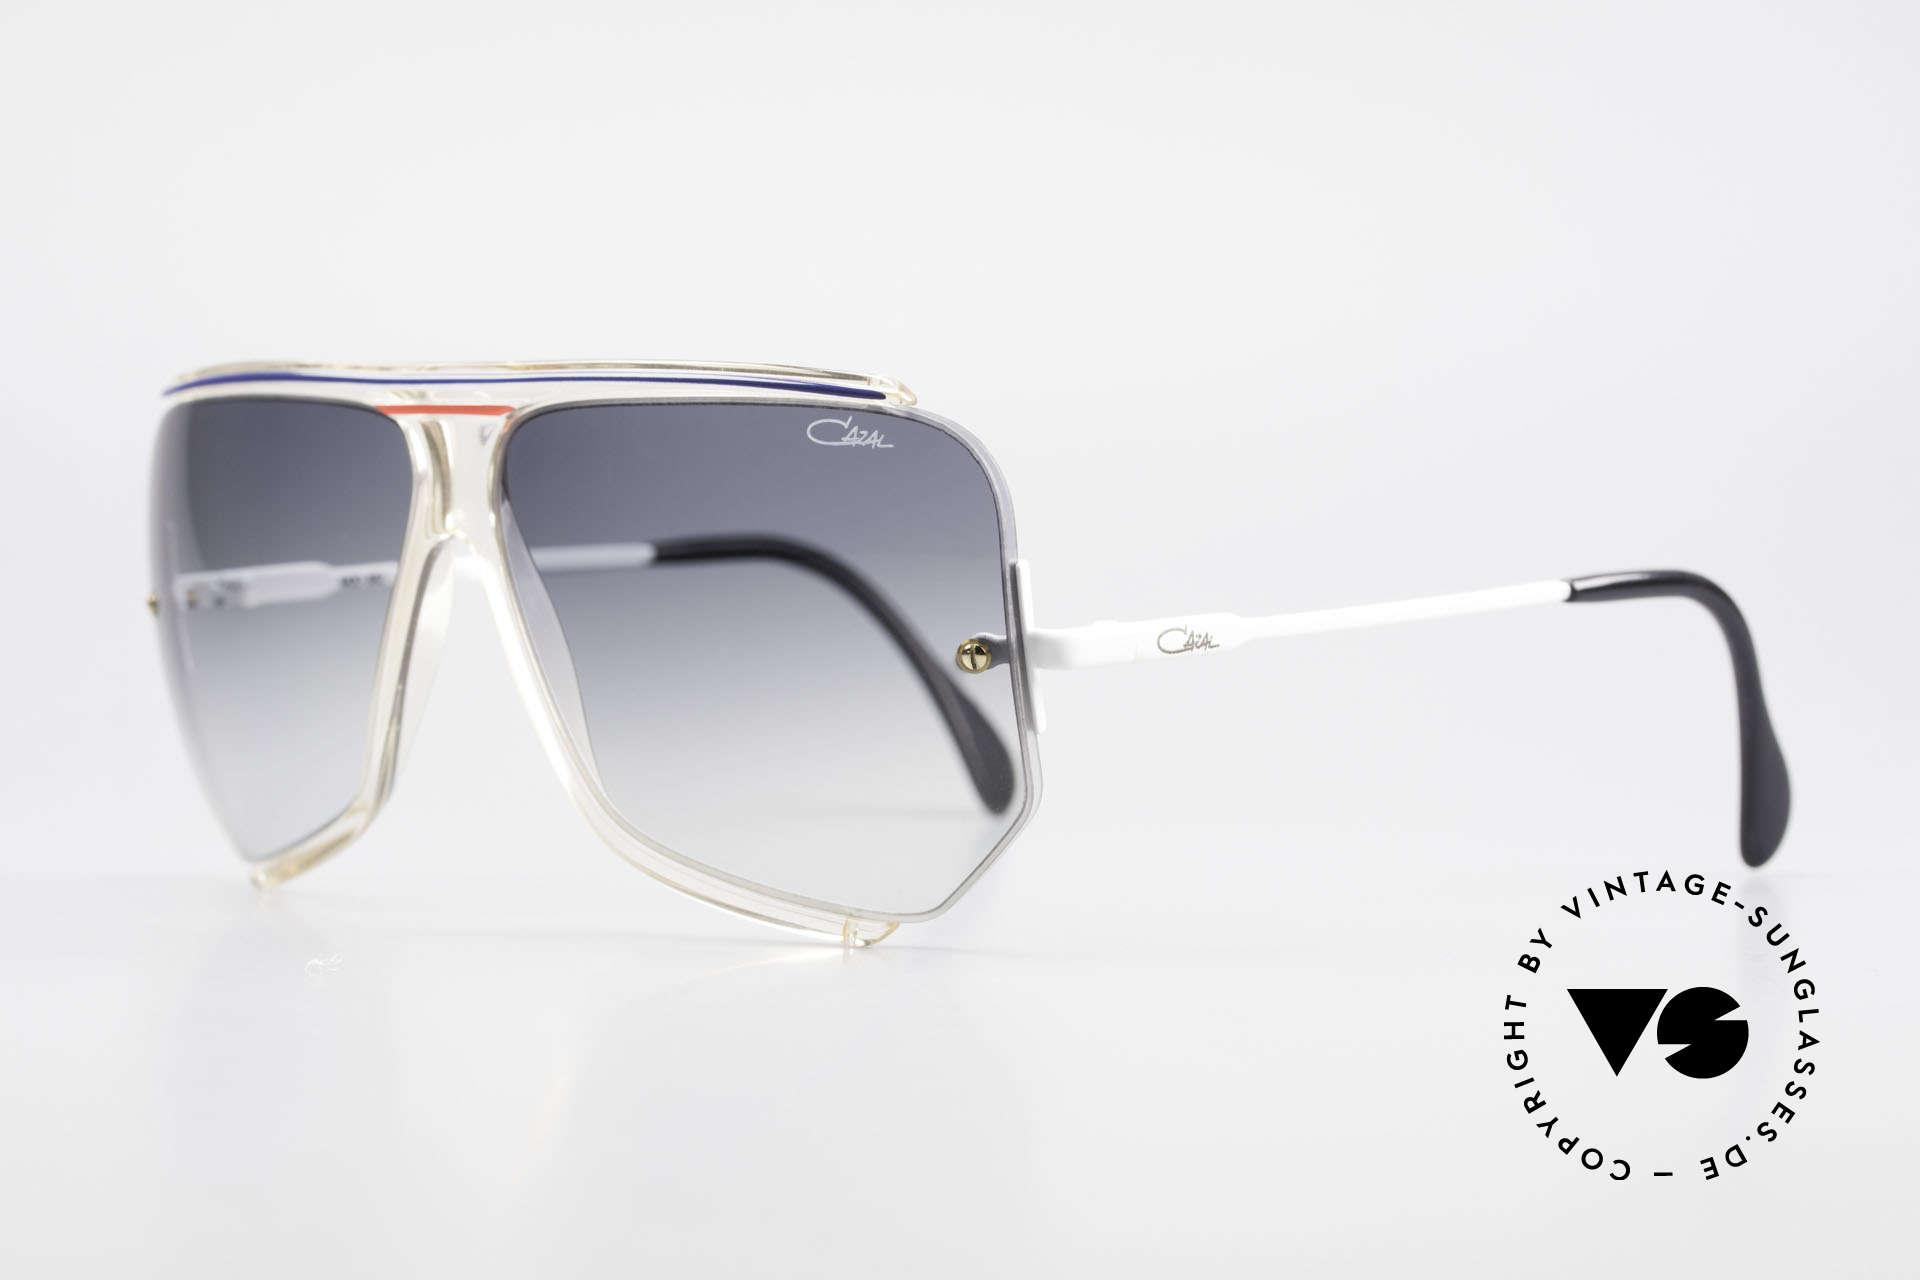 Cazal 850 Old School 80er Sonnenbrille, viel gesuchte vintage CAZAL Designersonnenbrille, Passend für Herren